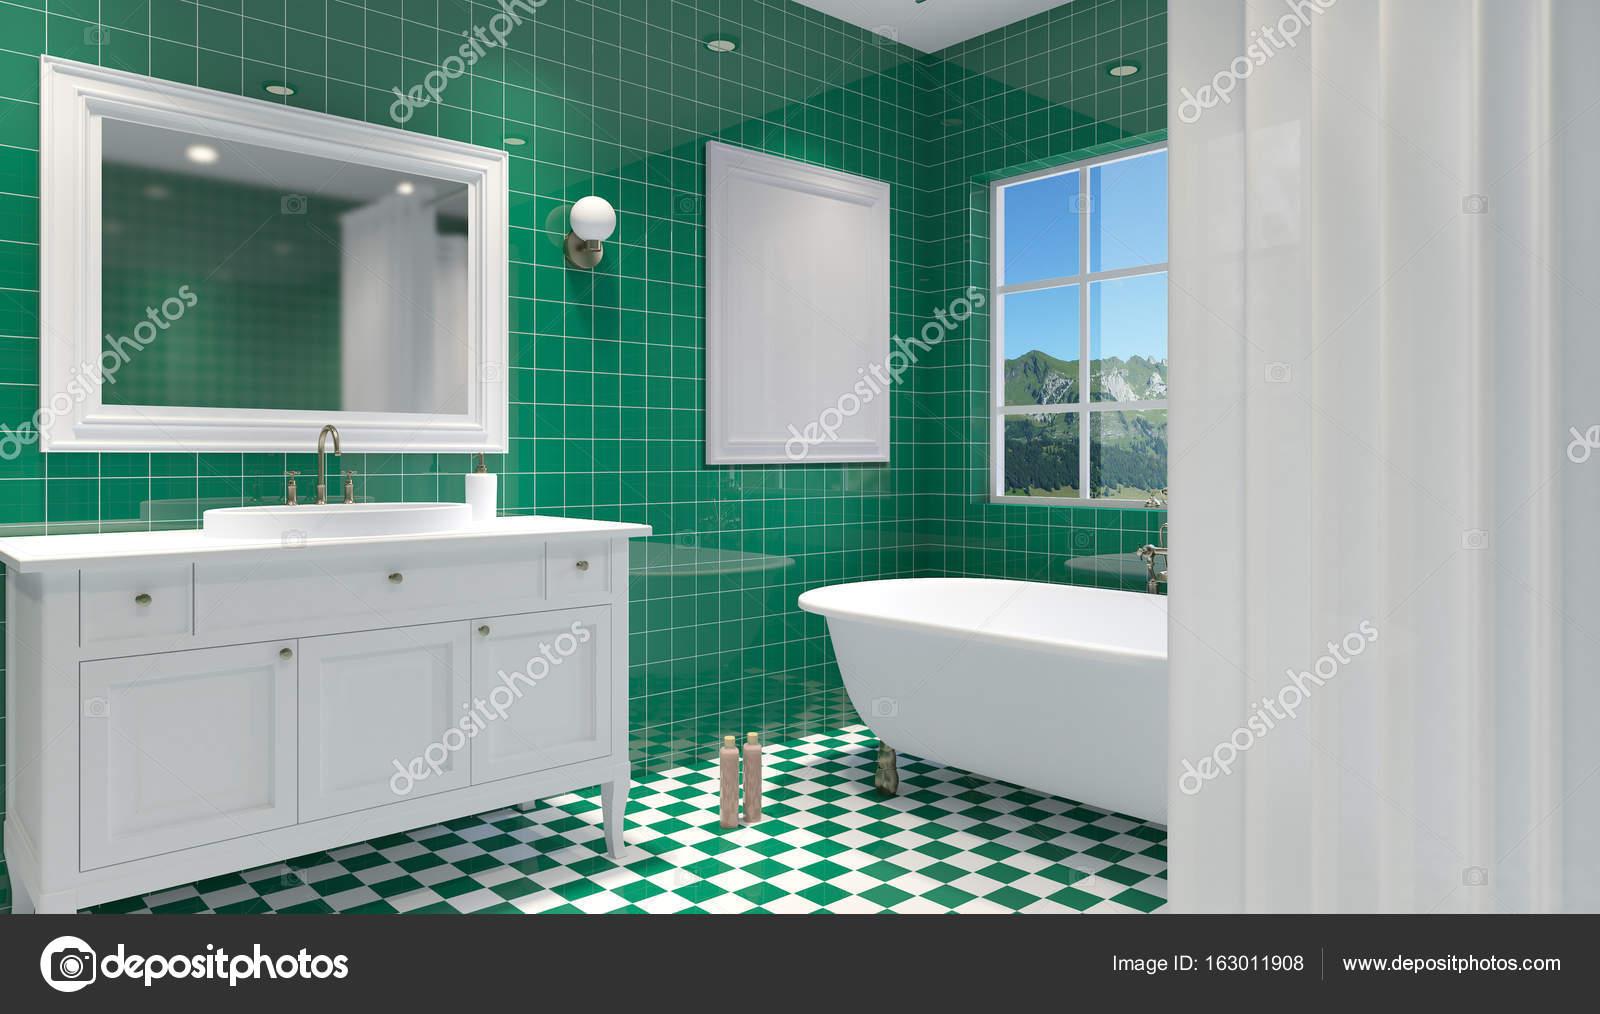 Kleine moderne badkamer interieur. 3d rendering u2014 stockfoto